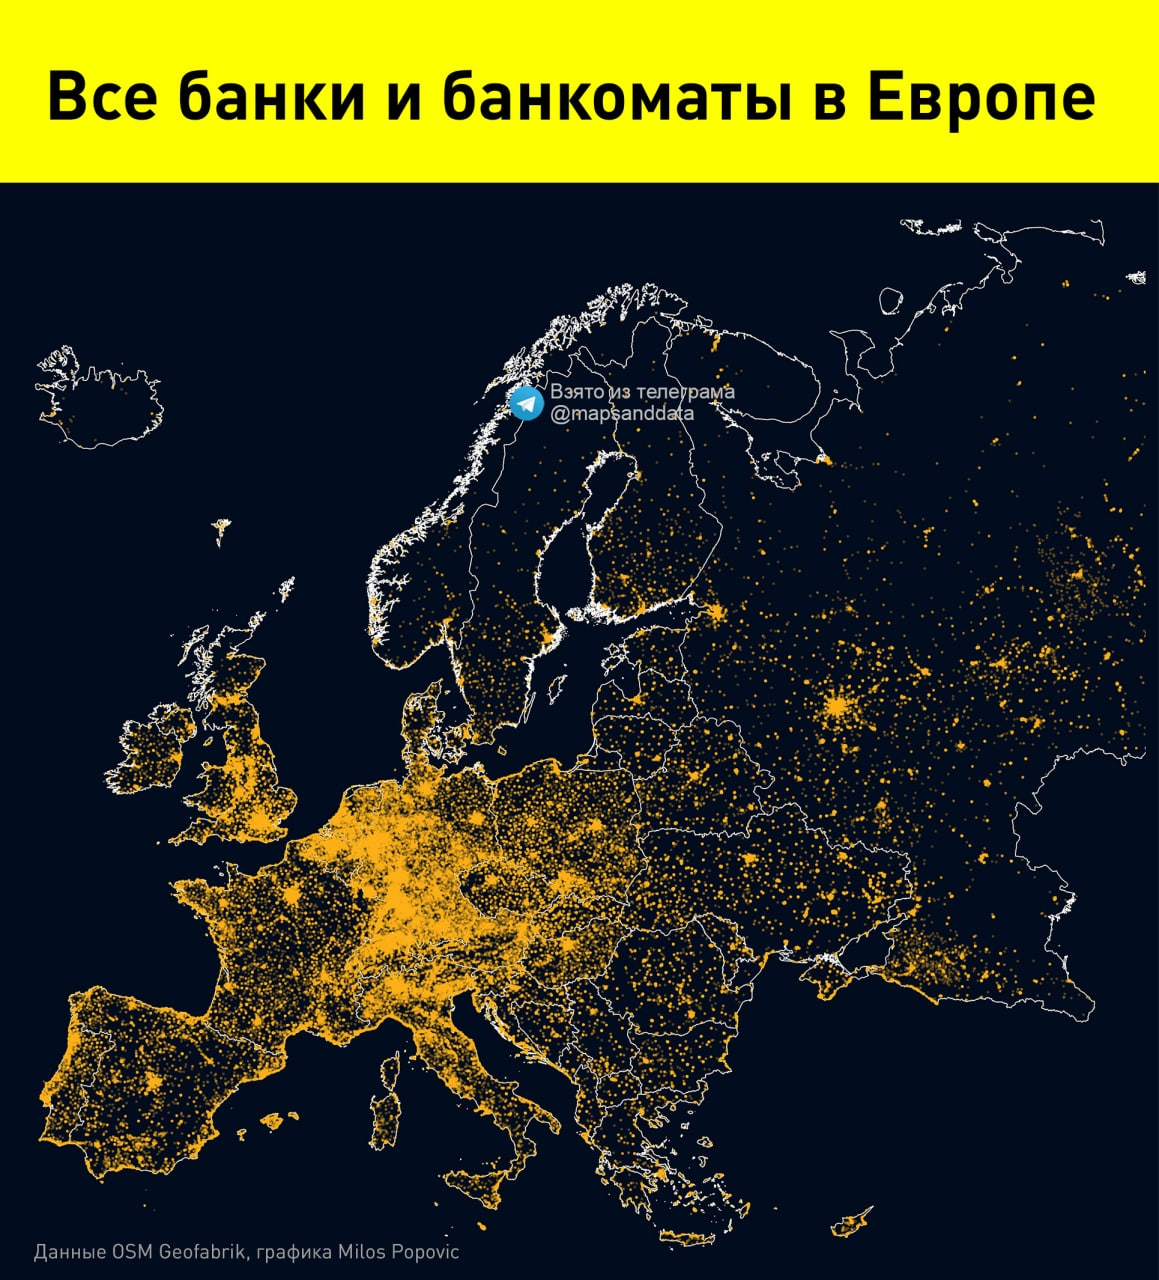 Все отделения банков и банкоматы в Европе